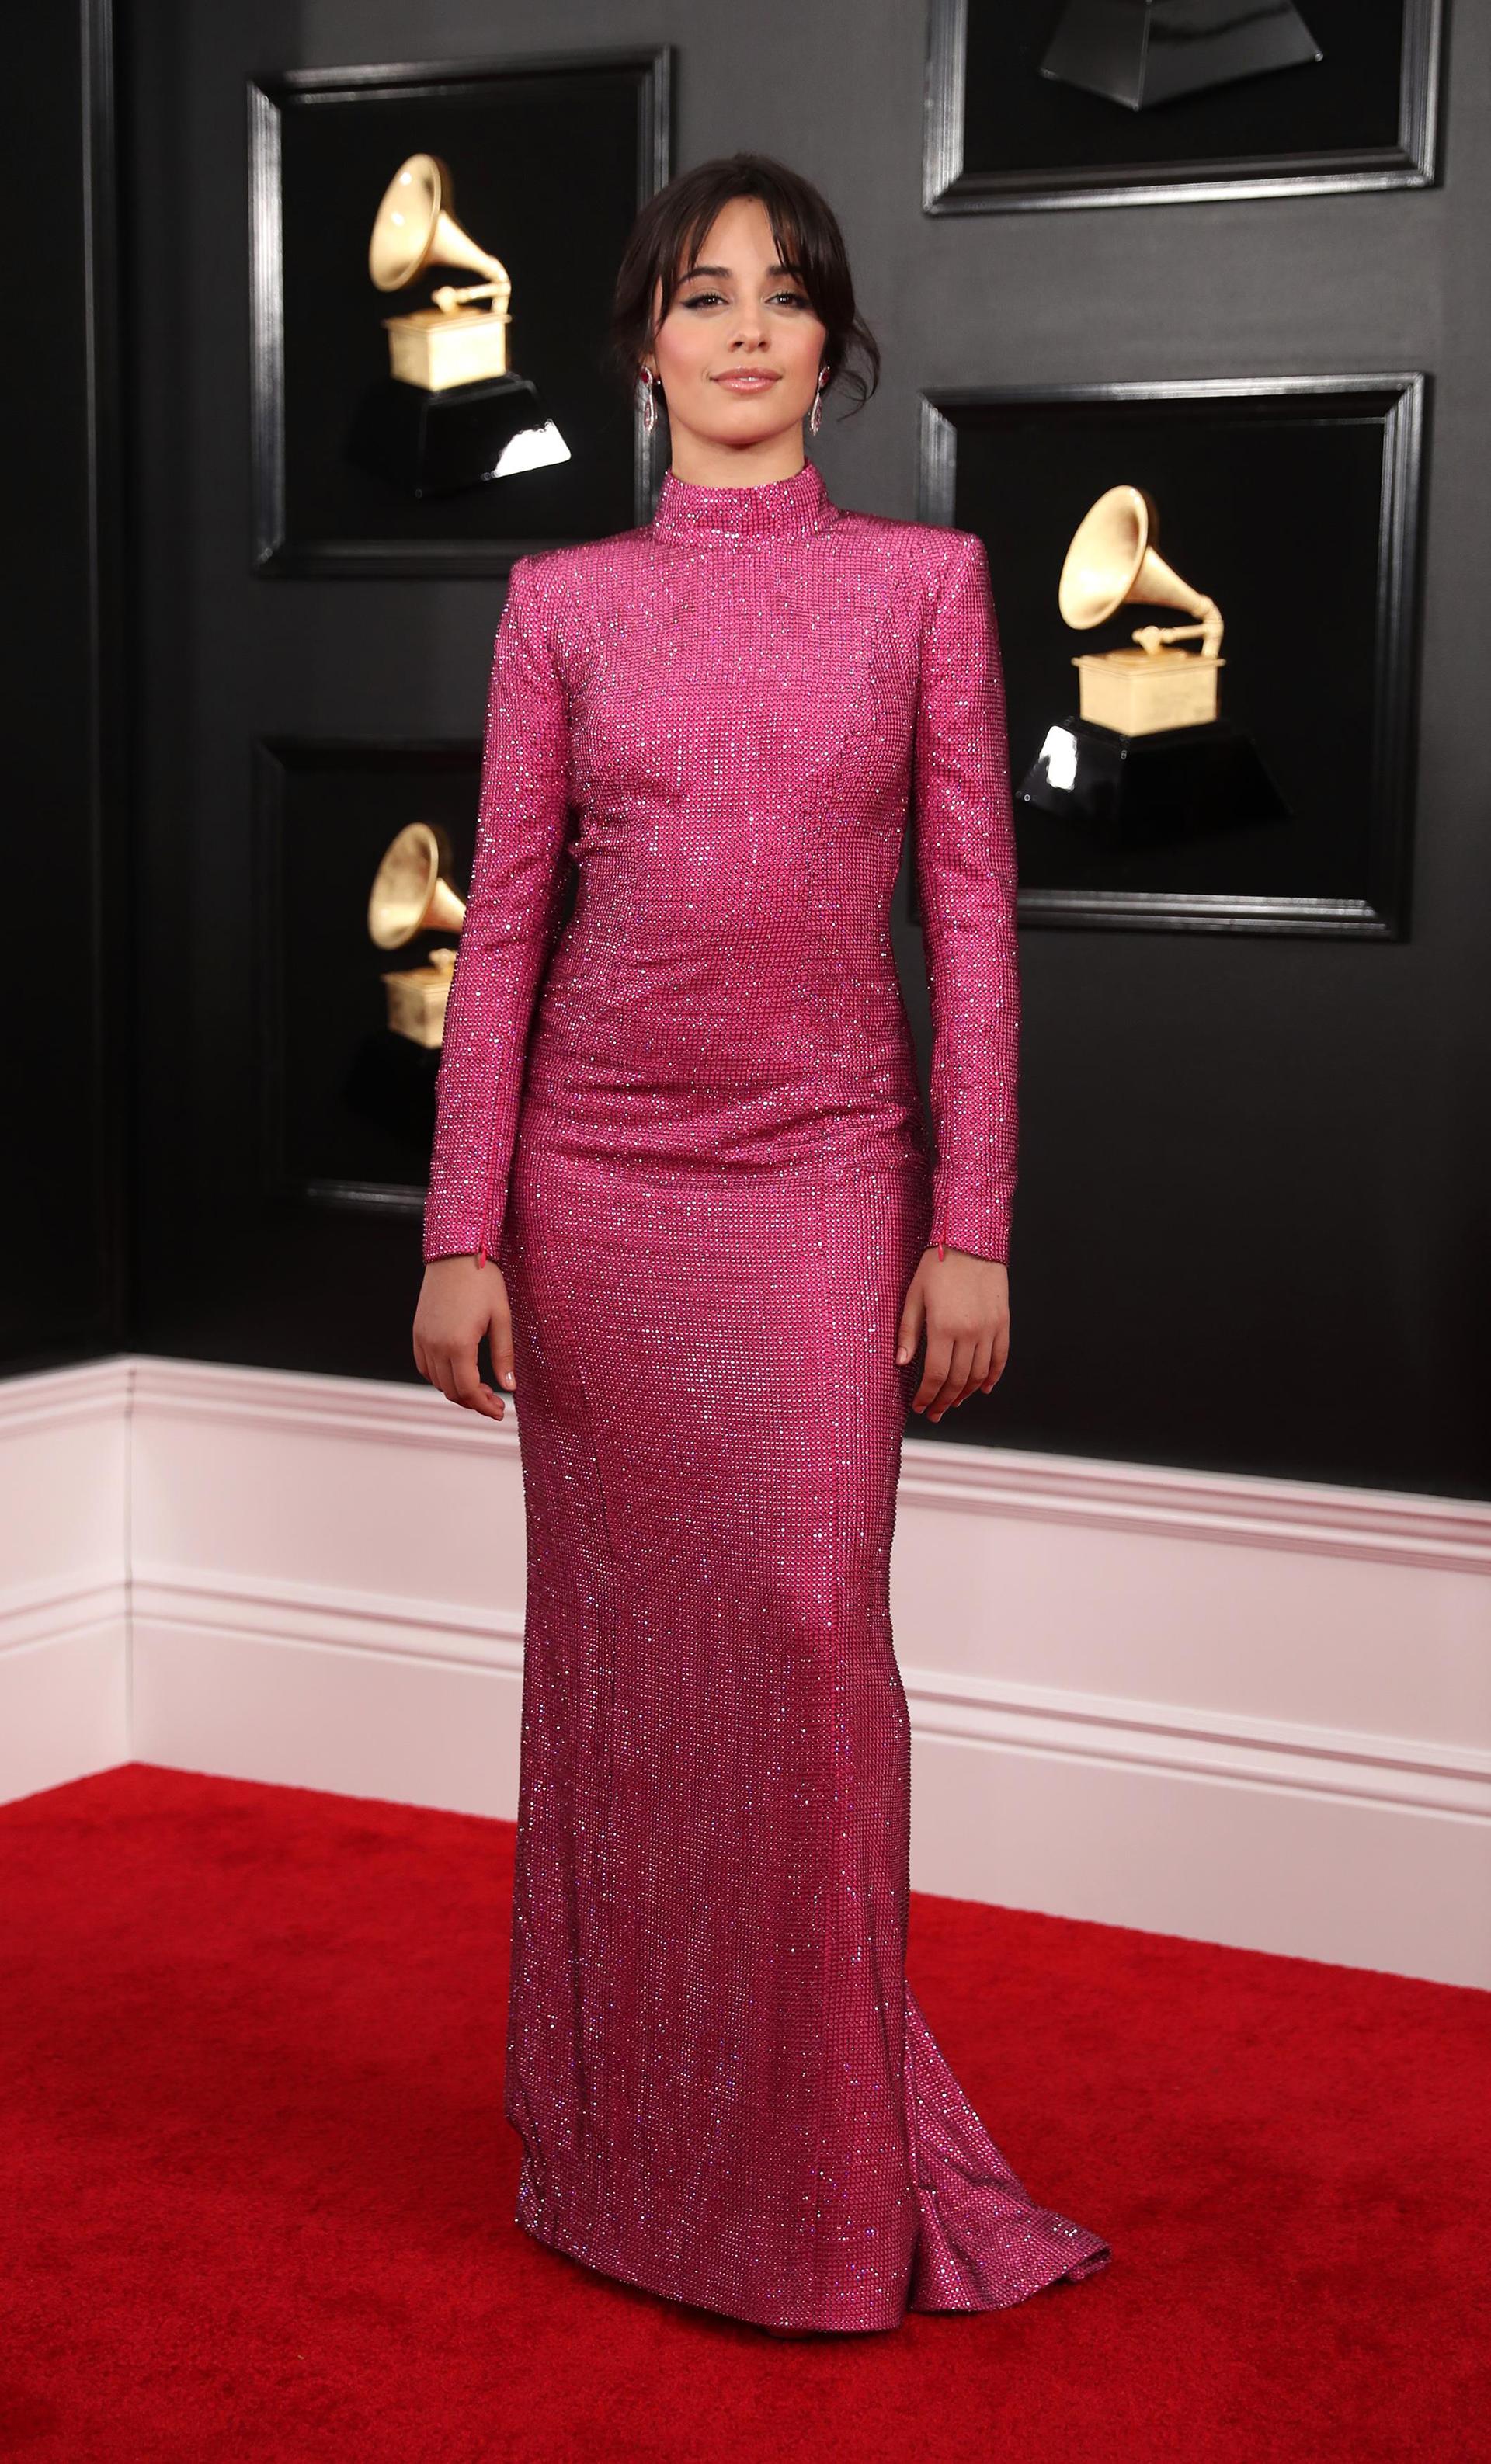 Camila Cabello inauguró la red carpet de los Grammy con un vestido sirena en color fucsia de mangas largas y cuello polera. Lo completó con aros joya en forma de hoja con piedras preciosas